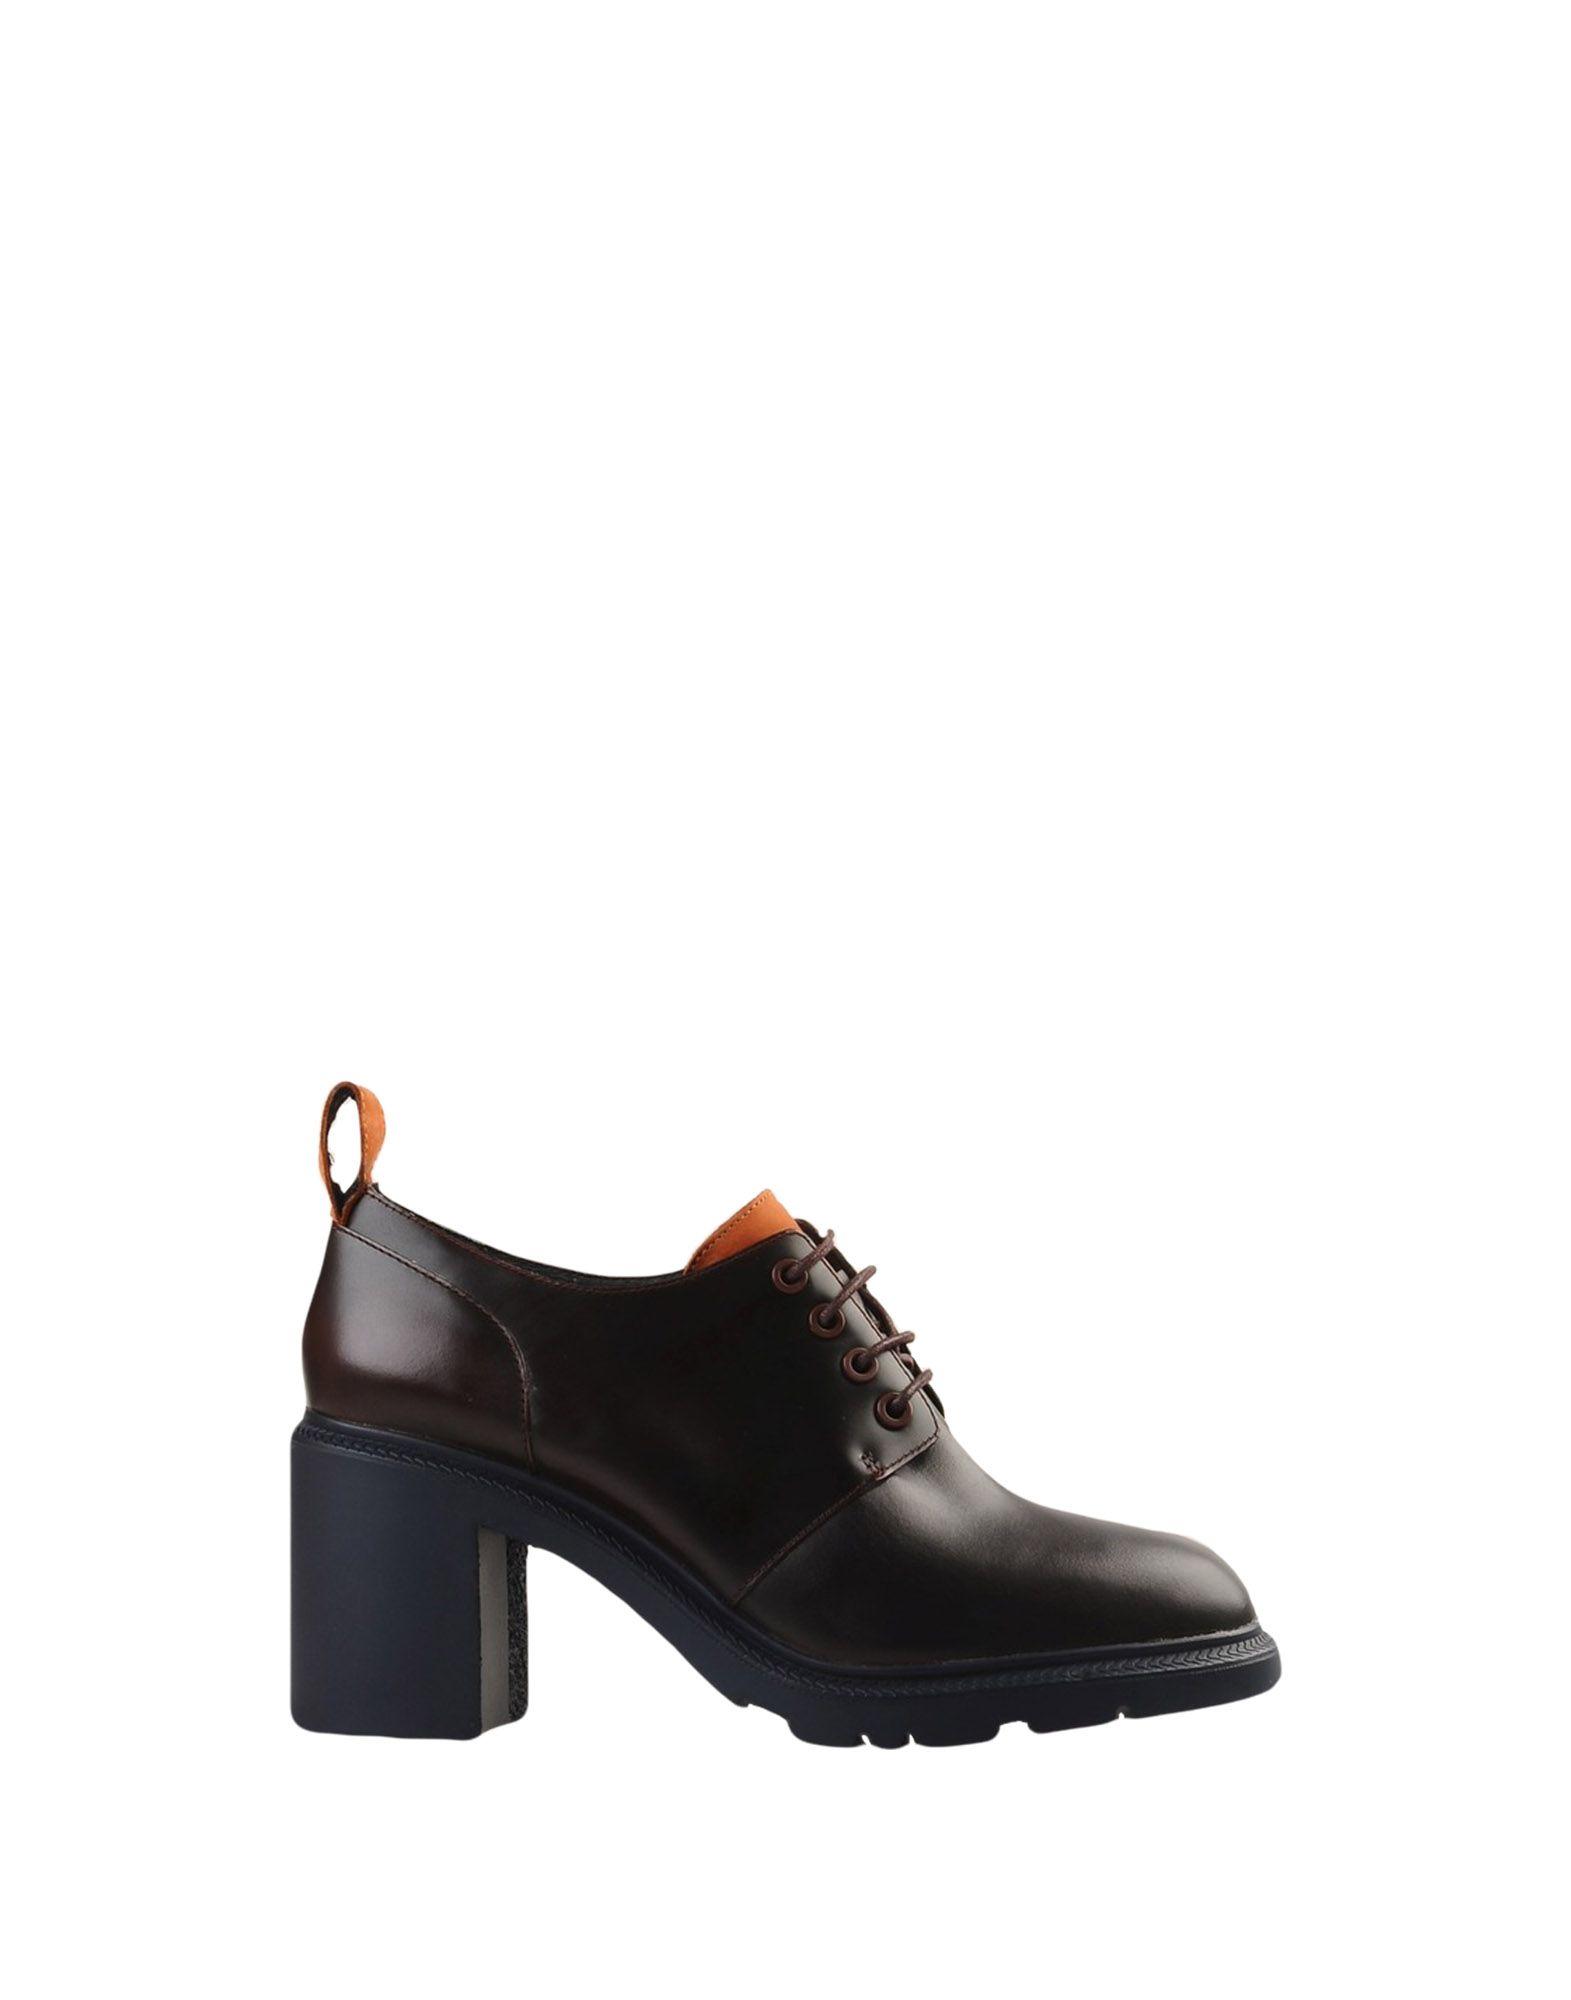 мужская обувь для фитнеса купить